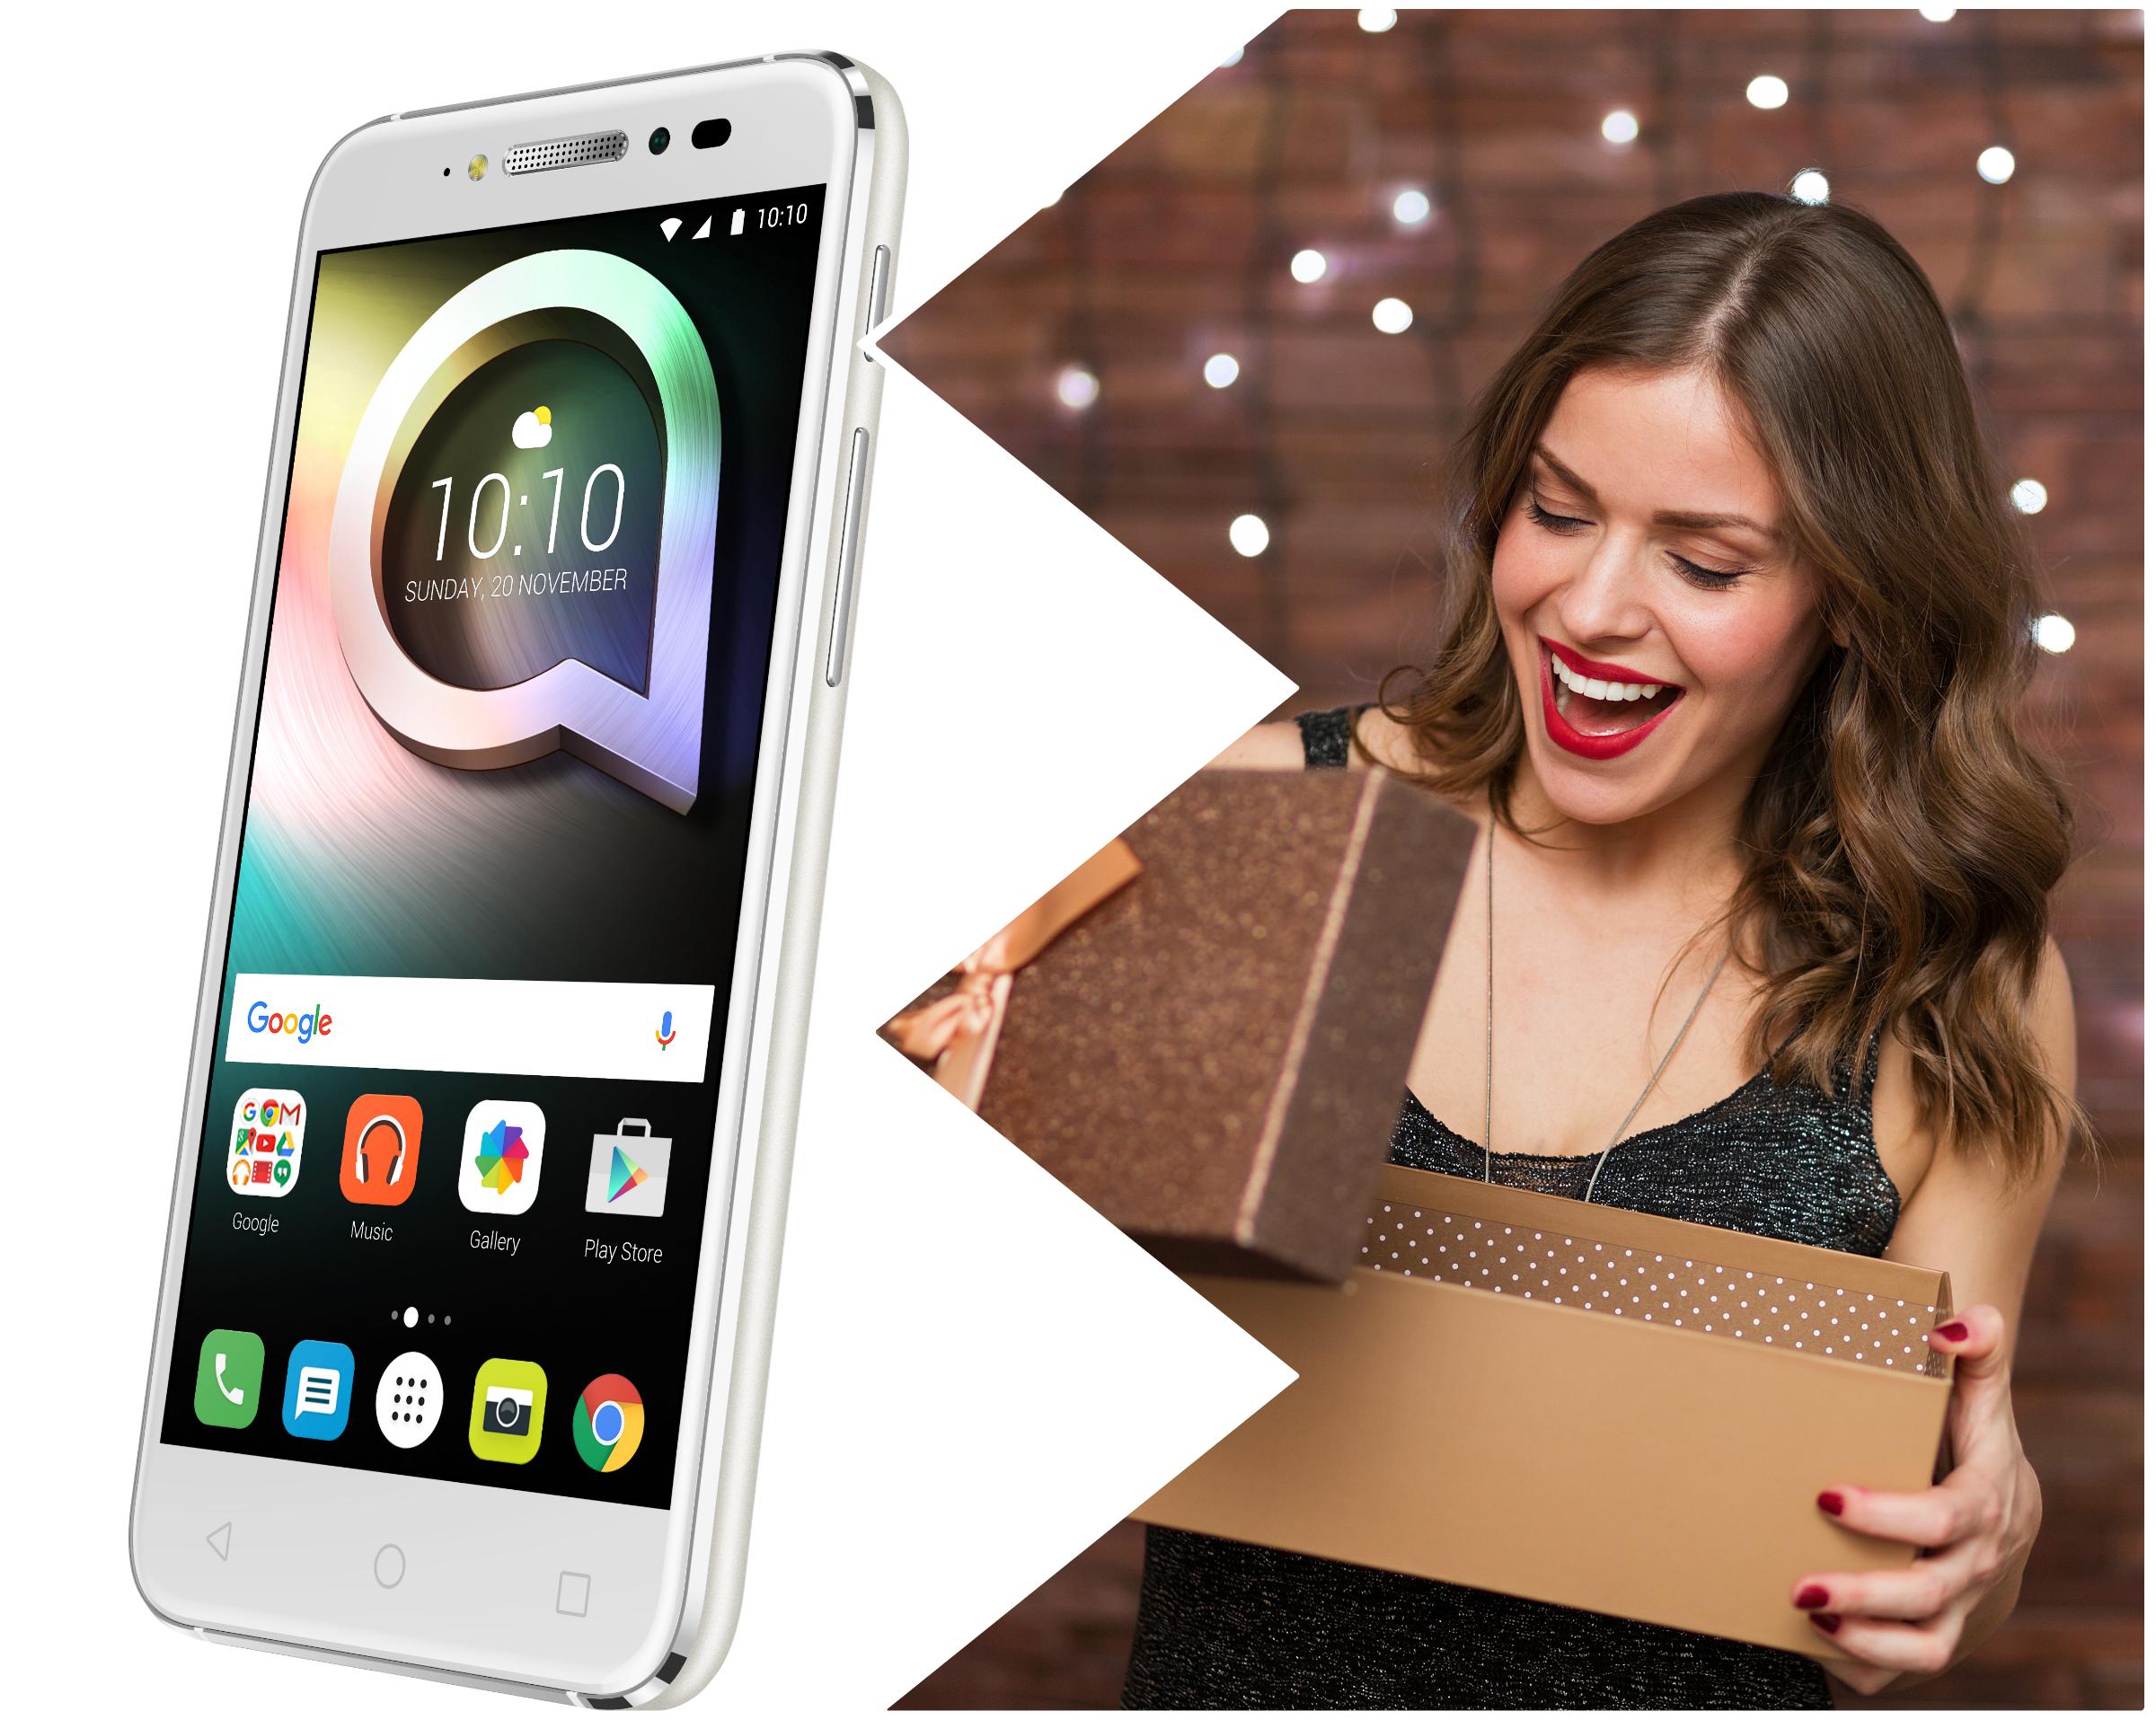 UWAGA KONKURS! Wygraj na walentynki rewelacyjny telefon ALCATEL Shine Lite - idealny do selfie !